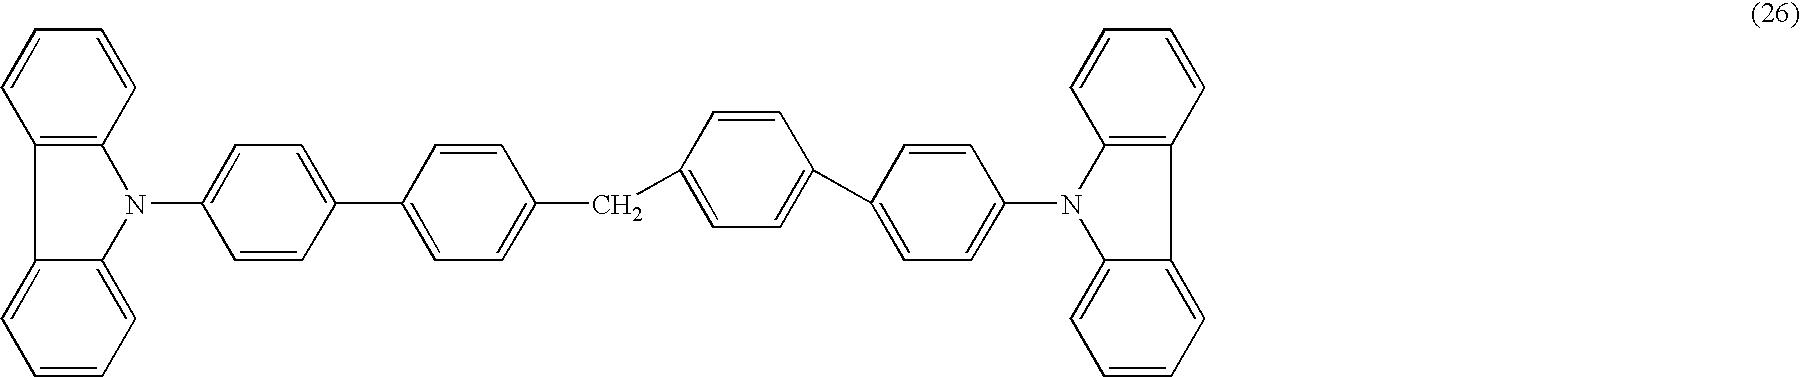 Figure US20050127826A1-20050616-C00009